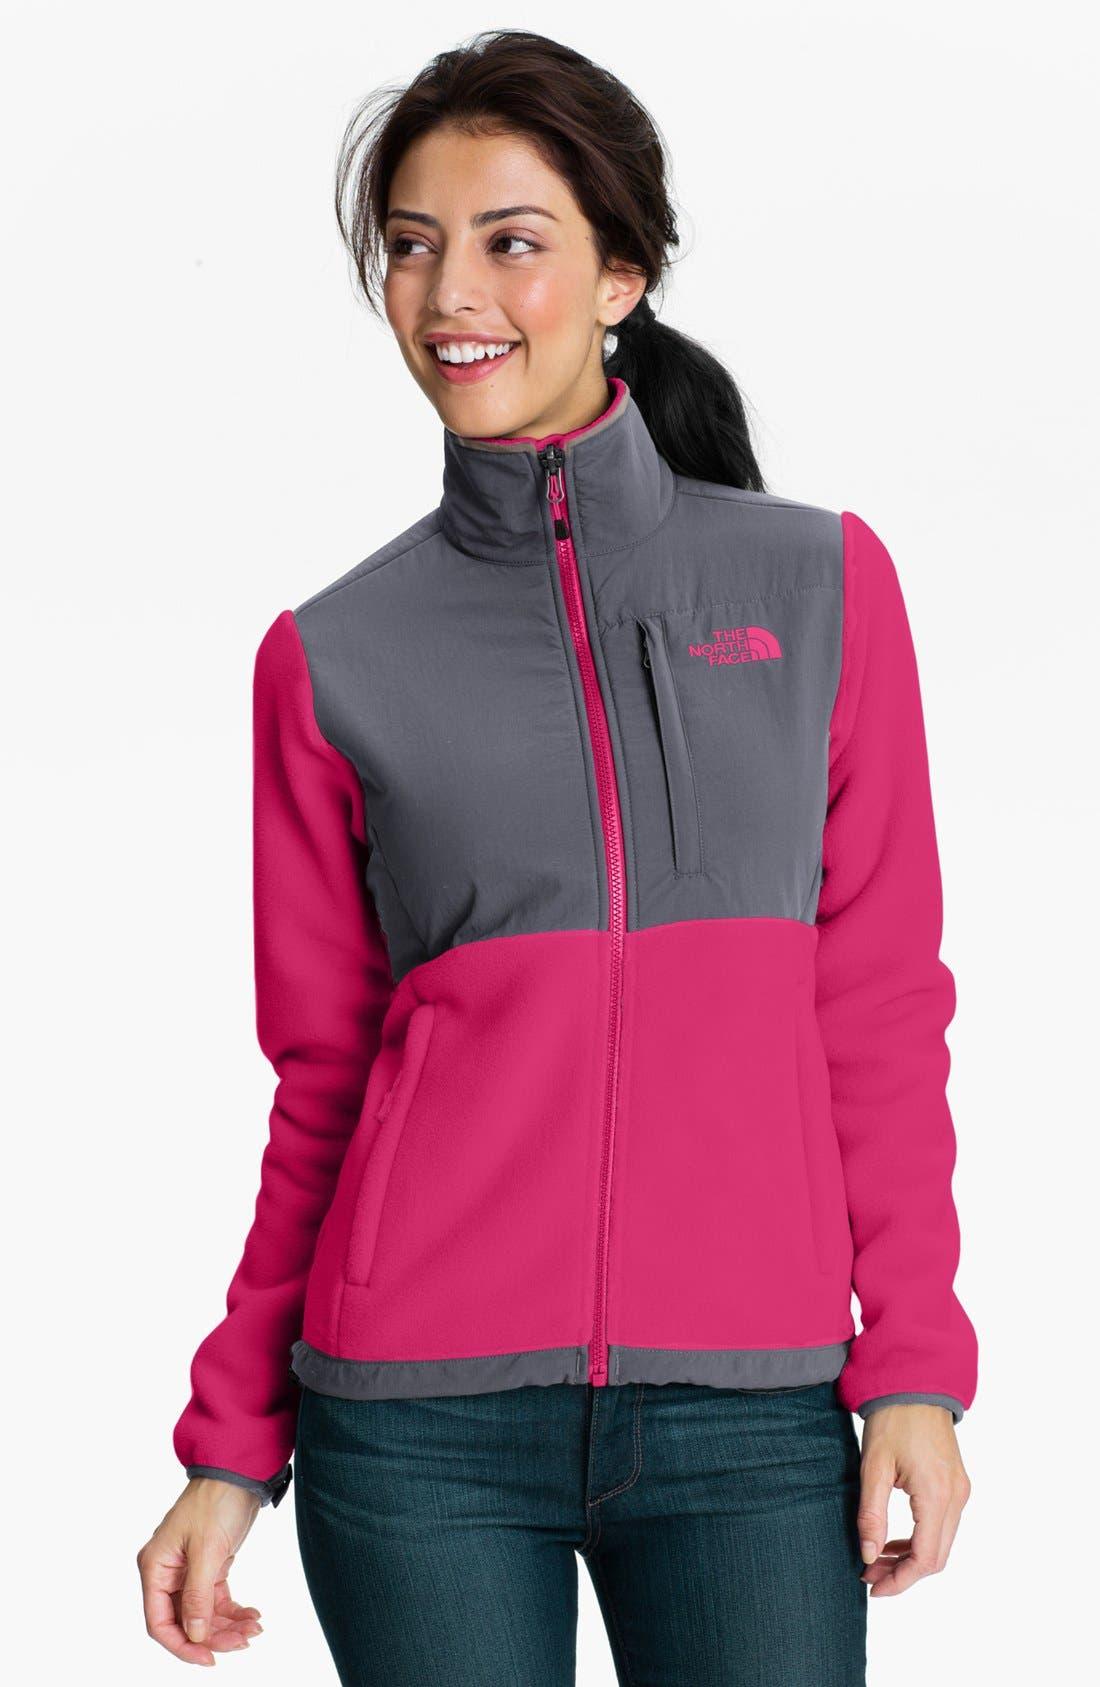 Main Image - The North Face 'Denali' Jacket ($179 Value)